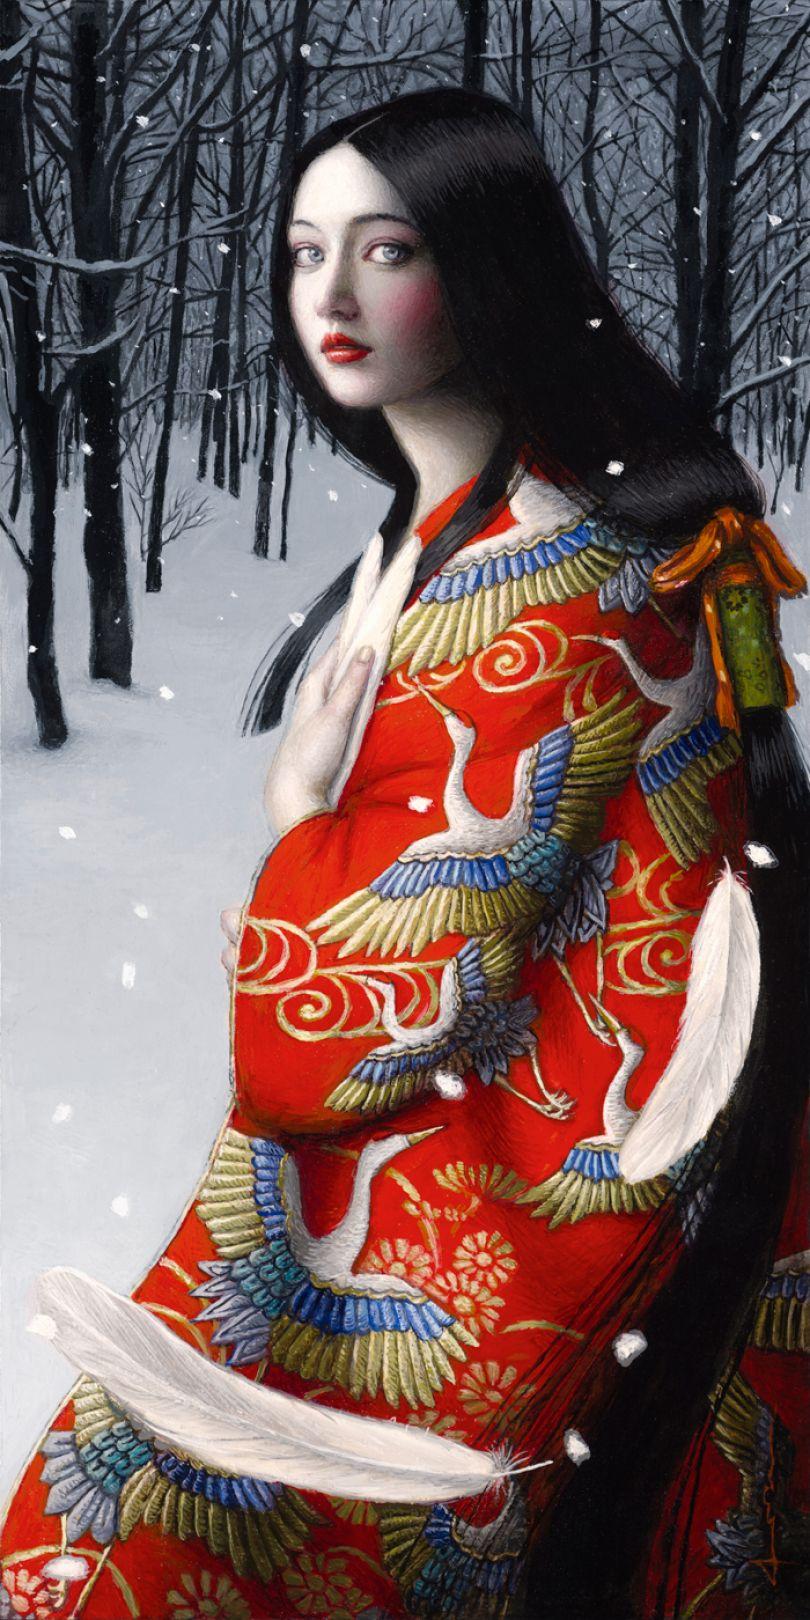 Tsuru no Ongaeshi, 2020 © Chie Yoshii